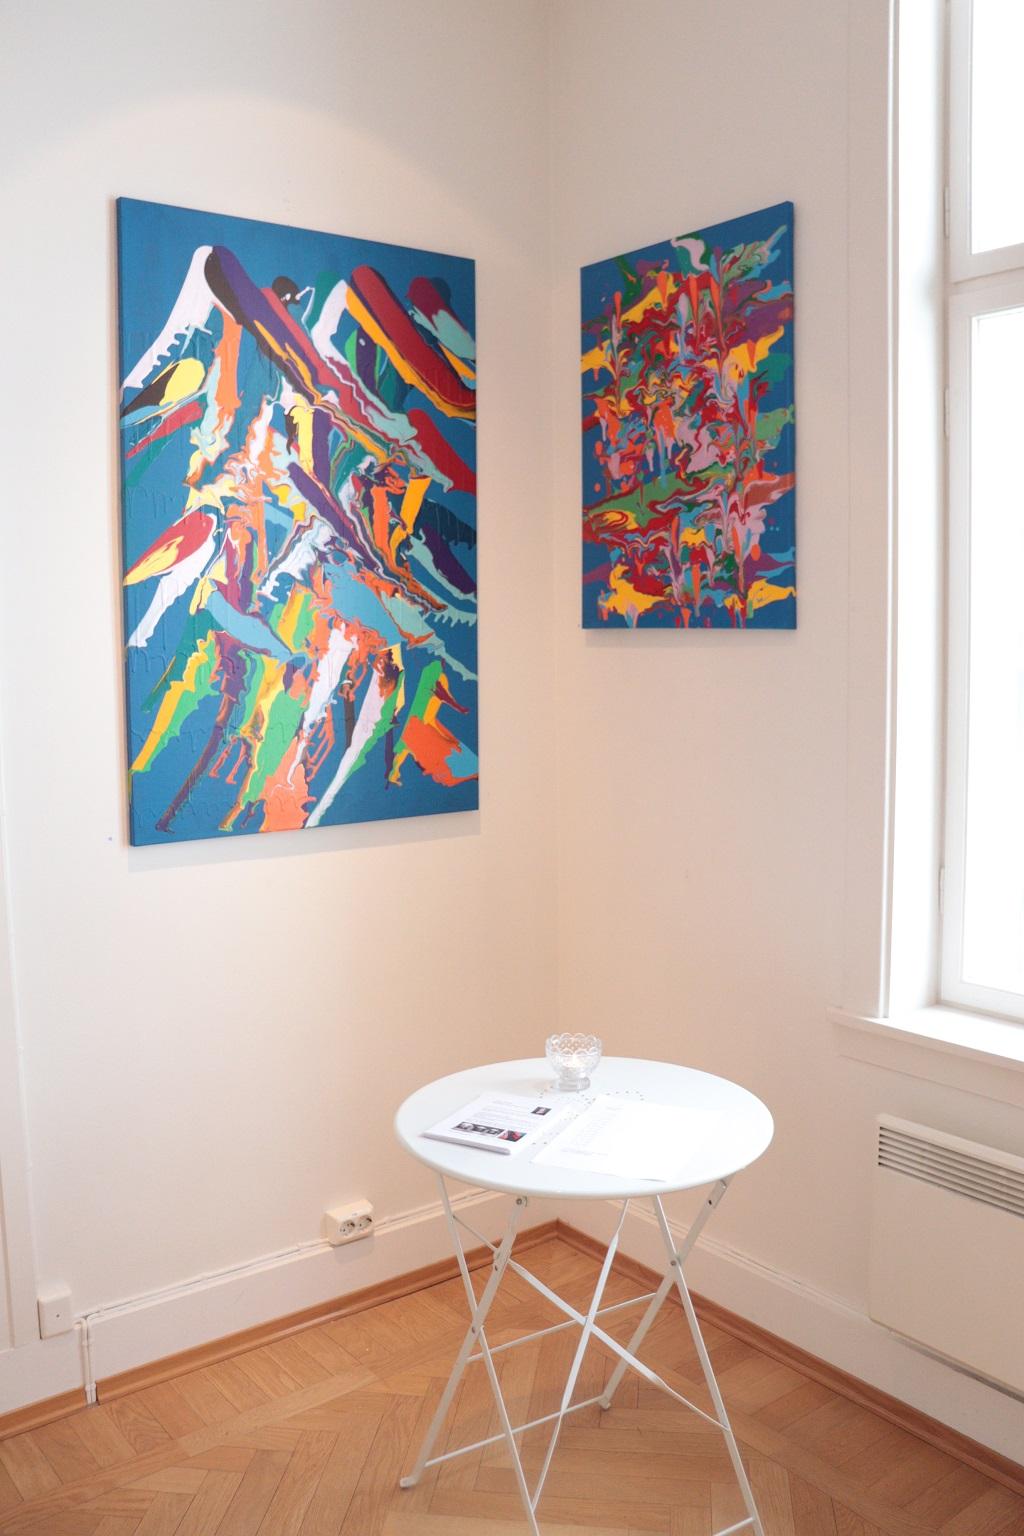 Kunstutstilling - Tove Holter - Måkeskrik og lek med farger